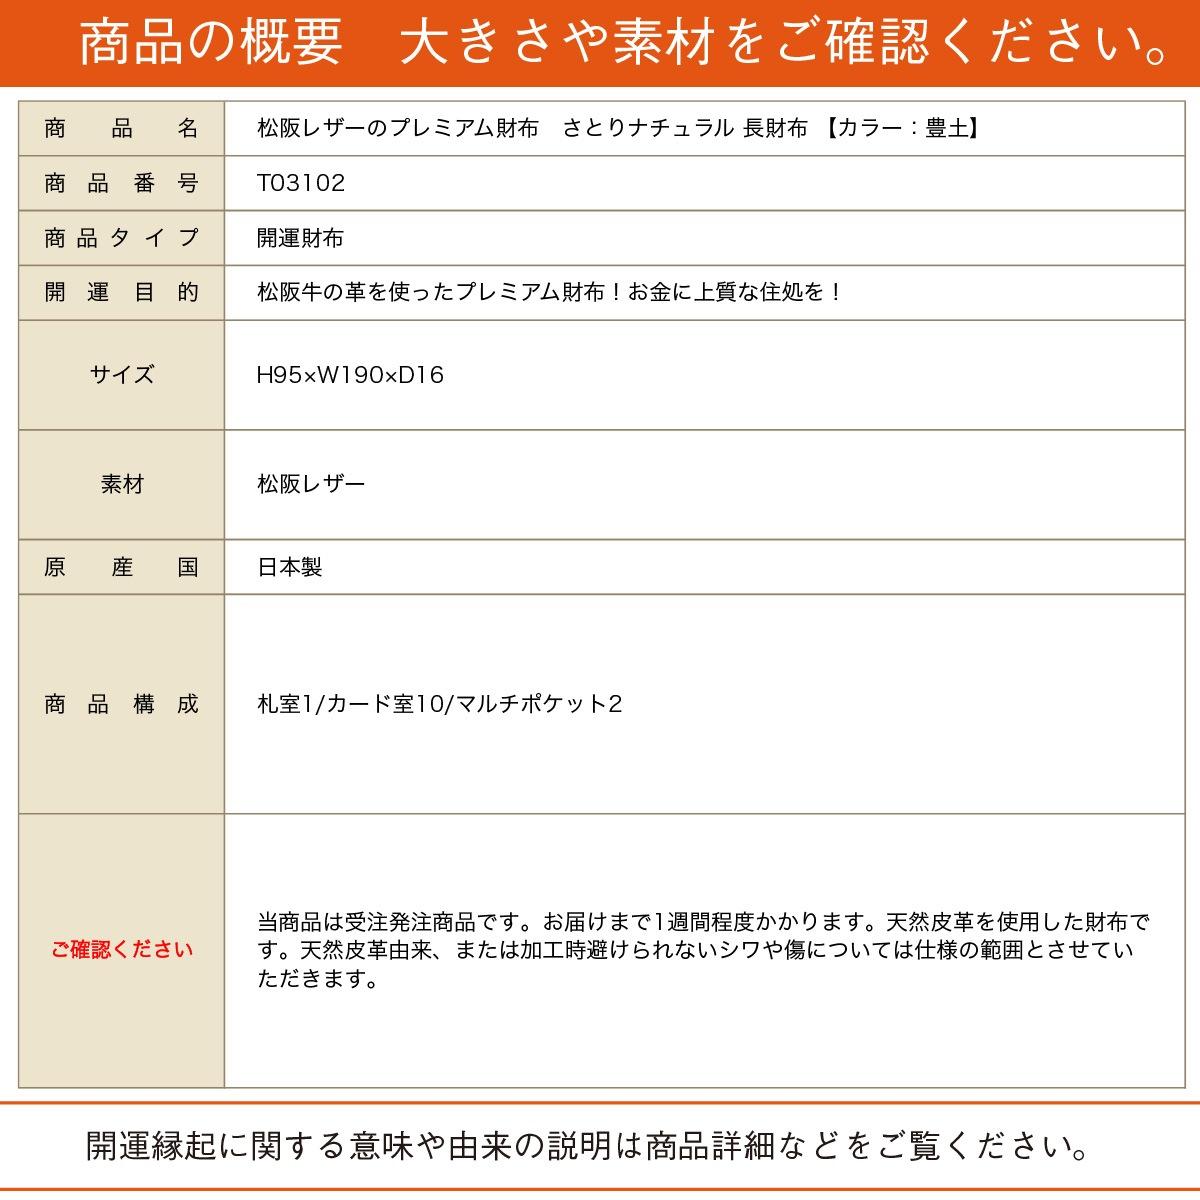 松阪レザーのプレミアム財布 さとりナチュラル 長財布 【カラー:豊土】